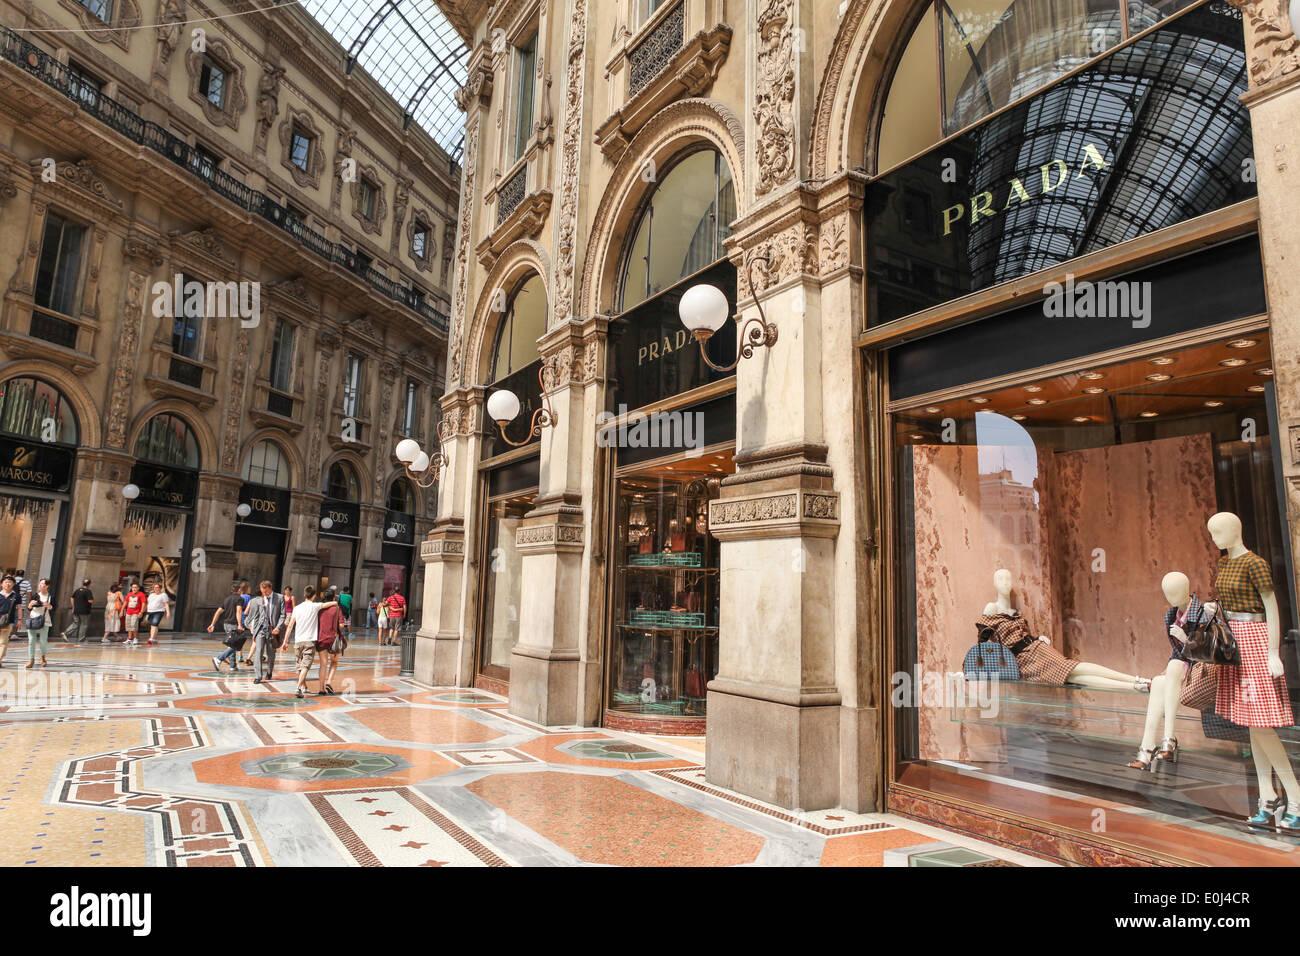 Prada Store In Galleria Vittorio Emanuele Ii Shopping Center In